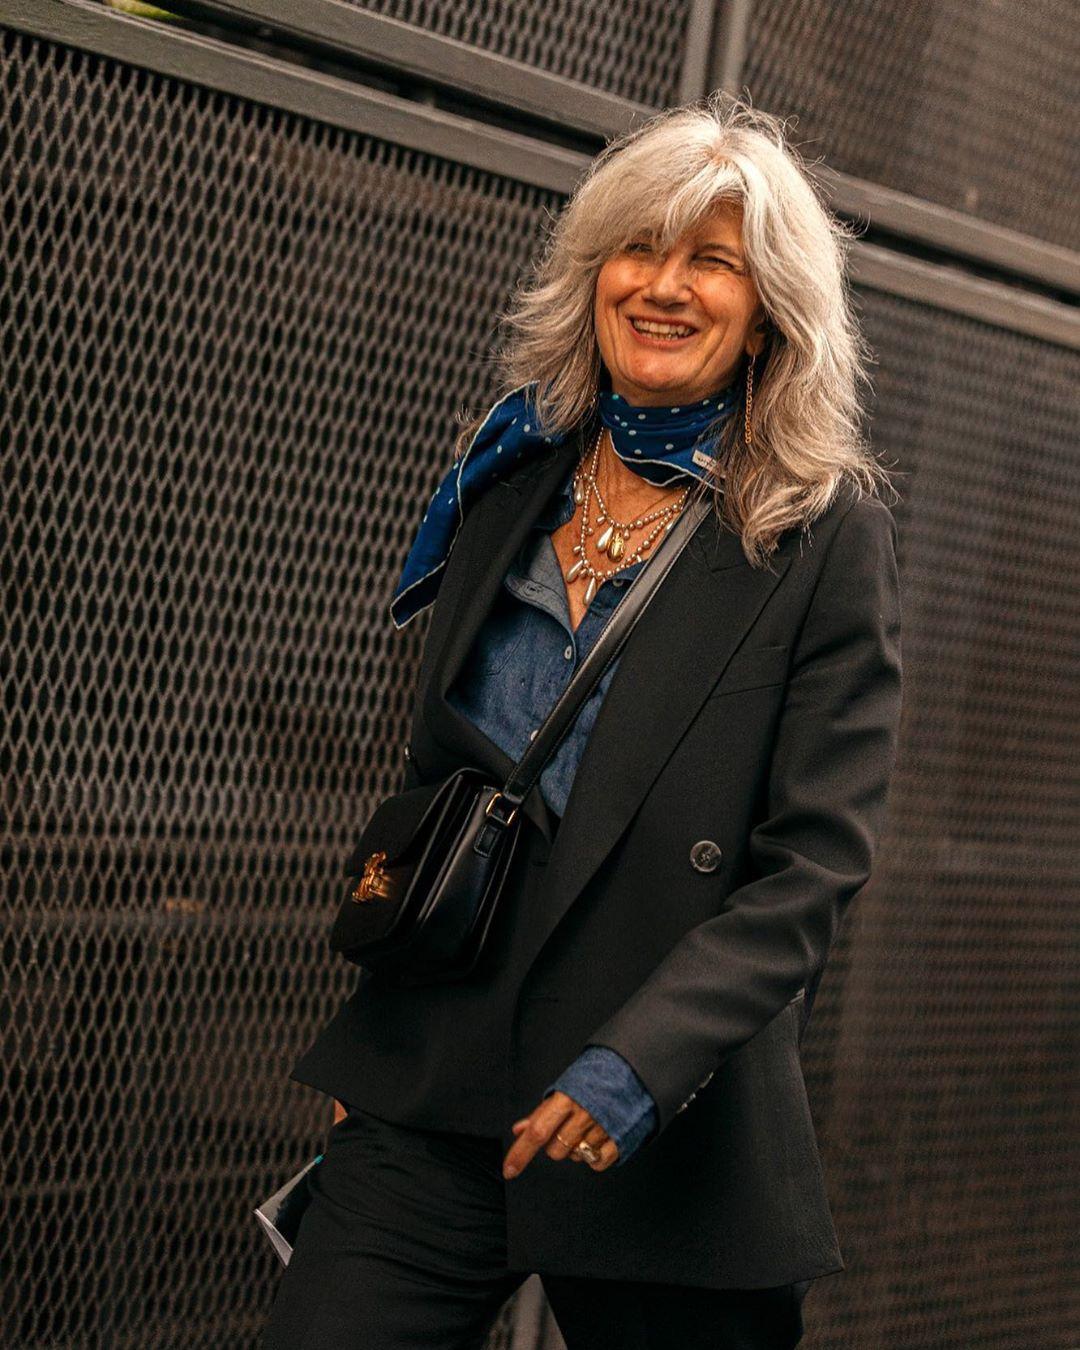 Уроки стиля от 57-летней парижской журналистки: Sophie Fontanel и ее инстаграм